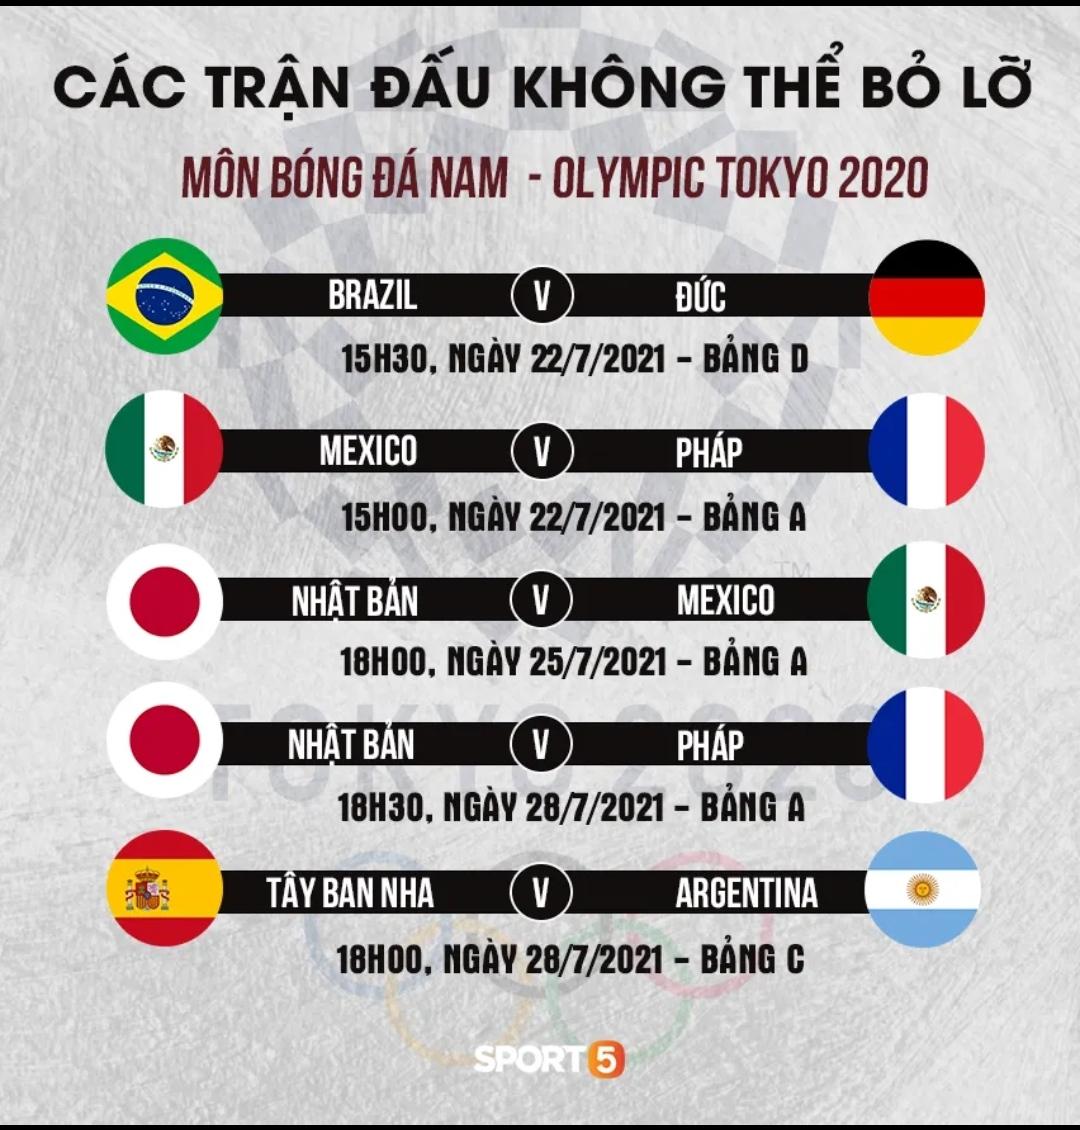 Những thông tin cần biết về môn bóng đá nam tại Olympic 2020 - Ảnh 9.